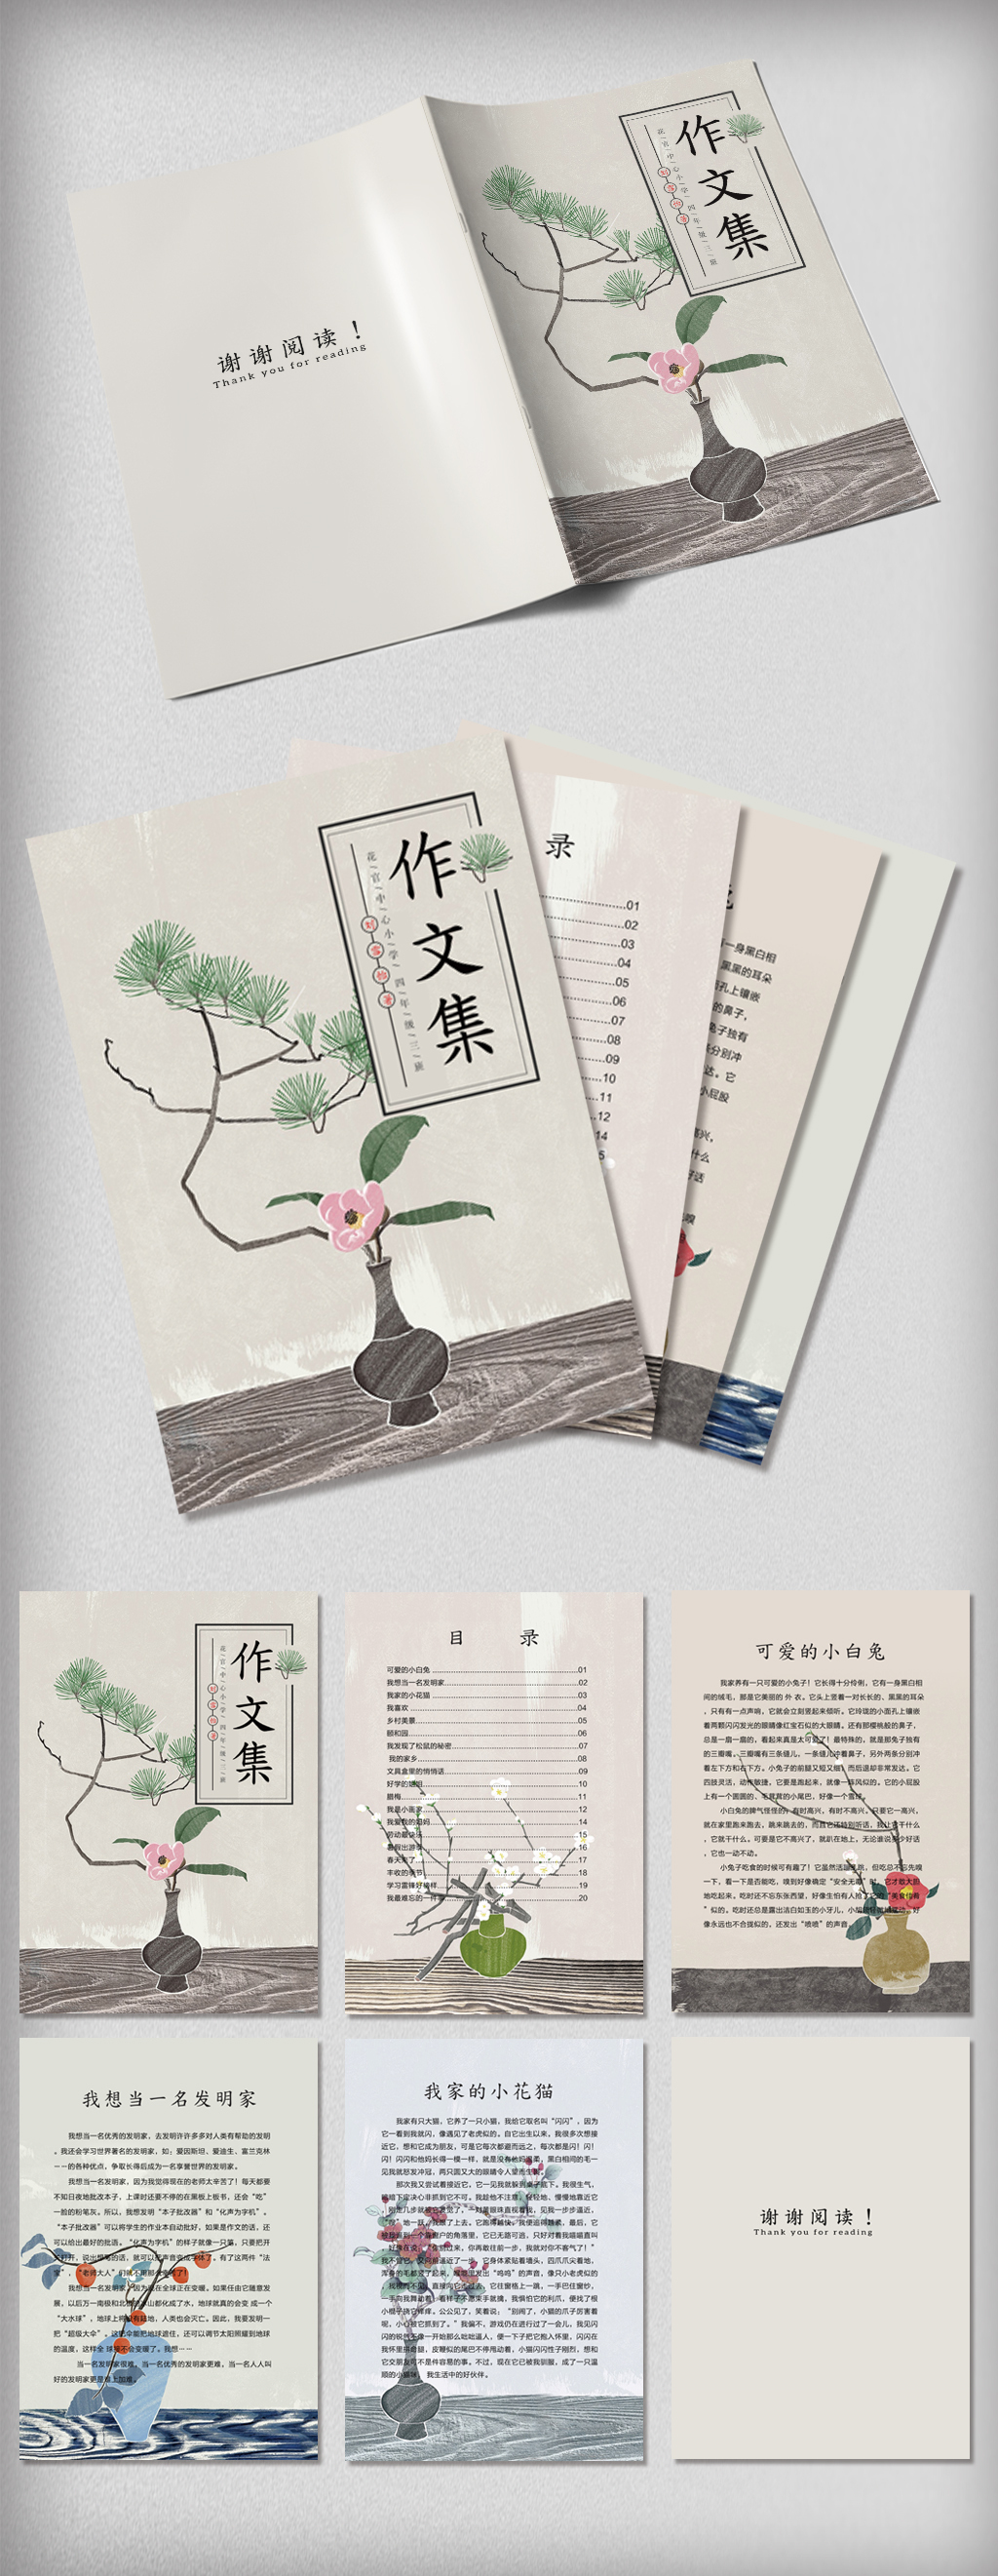 手抄报|小报 其他 其他 > 中国风花瓶中小学生作文集免费电子模板